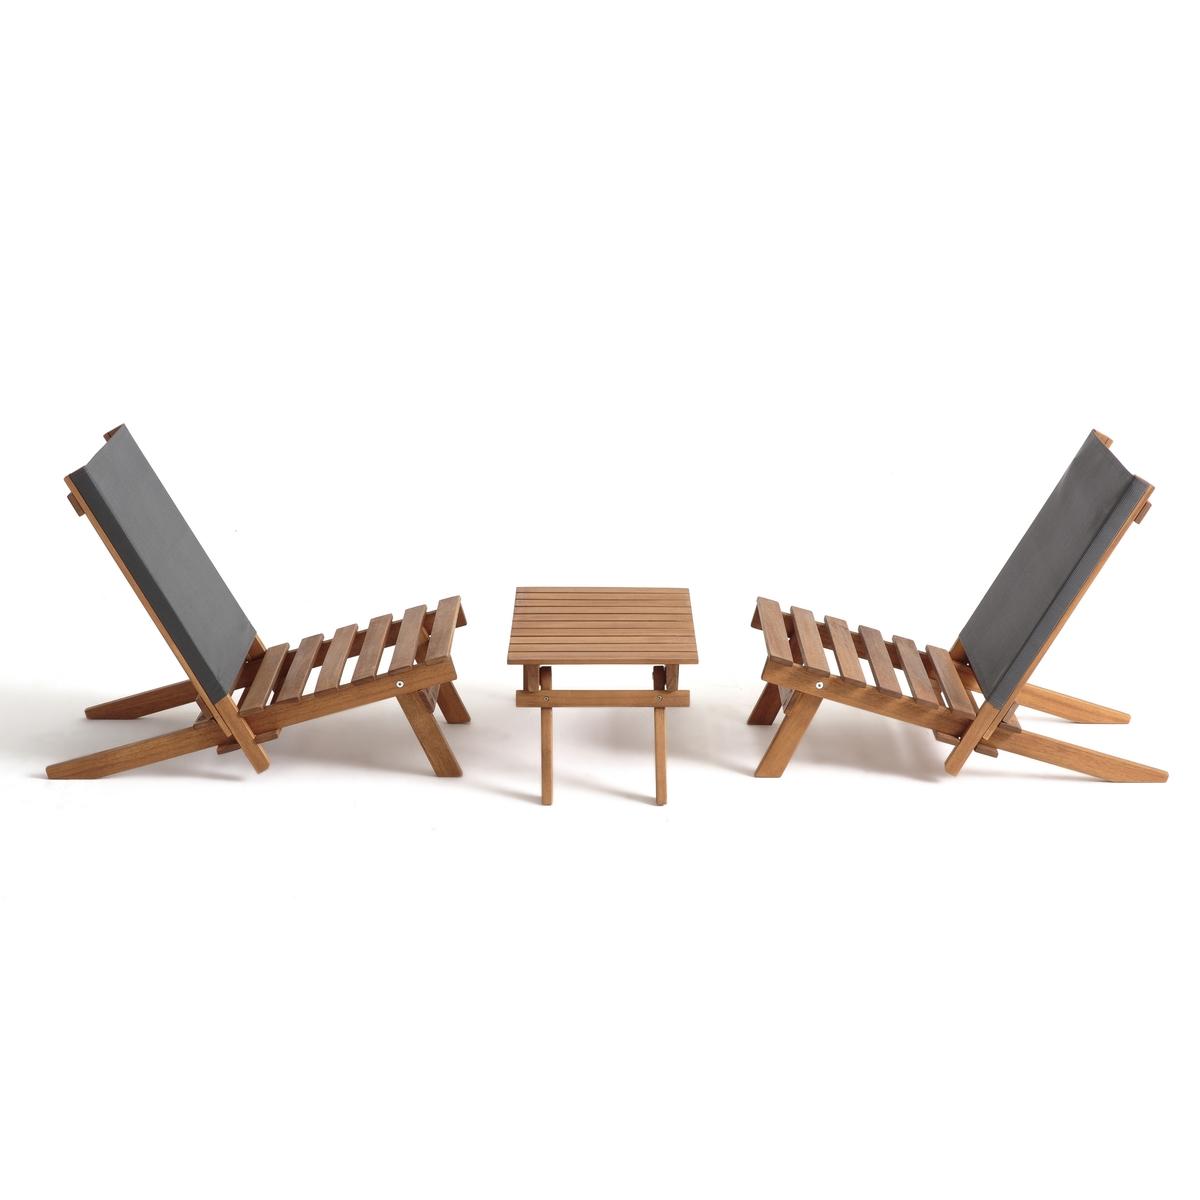 Комплект для сада из 3 предметов из акации Oparon